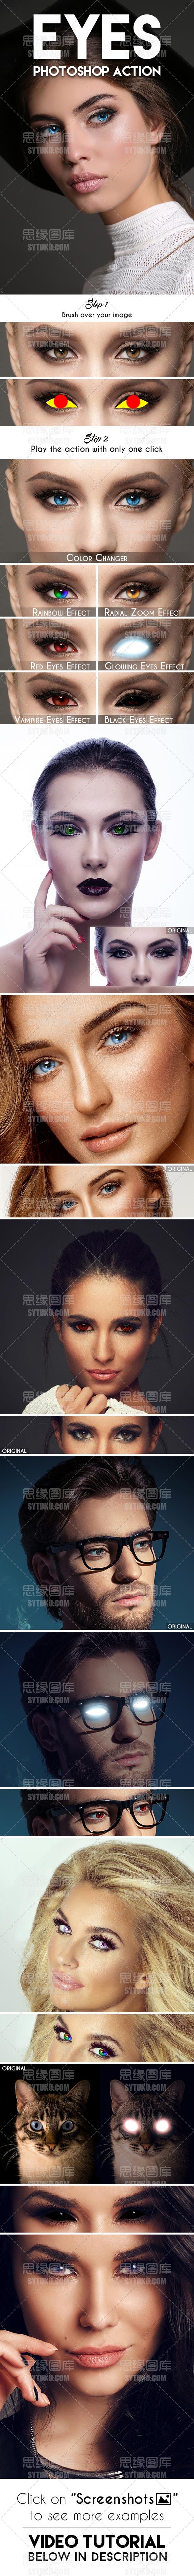 中文版眼睛添加各种创意效果ps动作 - 思缘设计素材